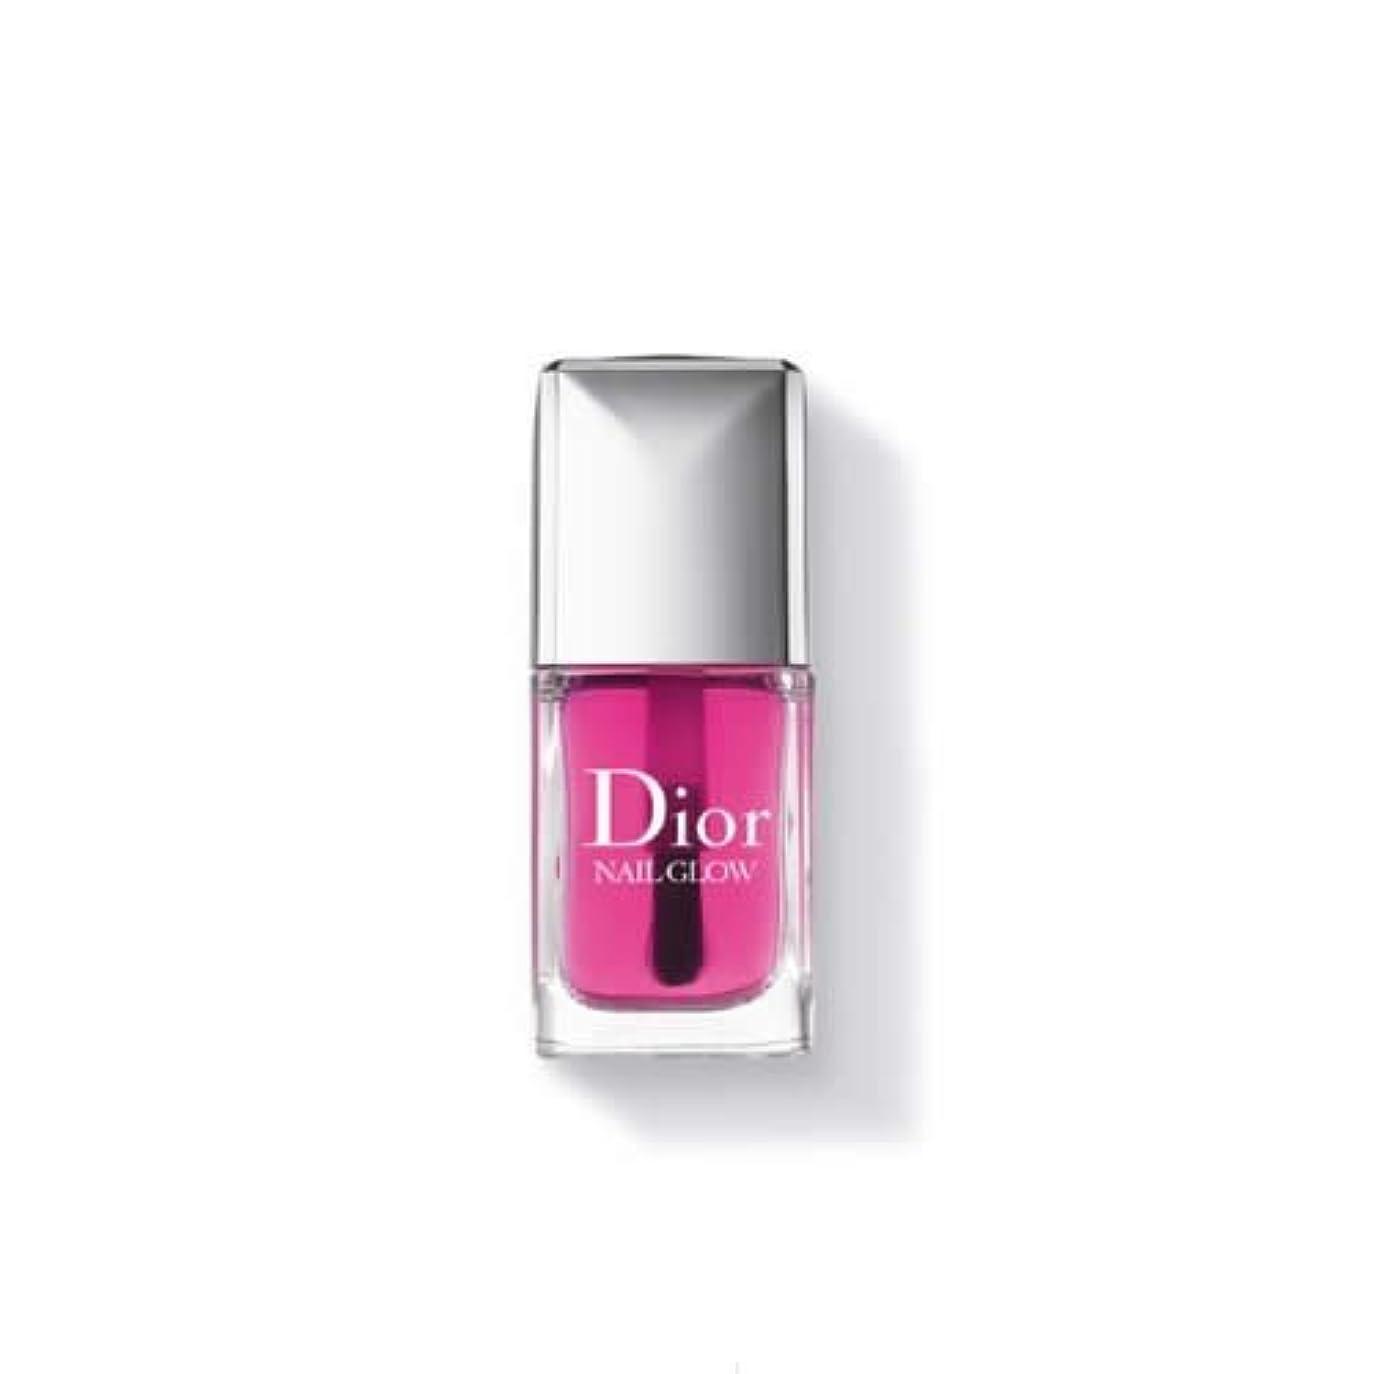 発掘する放置弓Dior ディオール Nail Glow ネイル グロウ 10ml [並行輸入品]